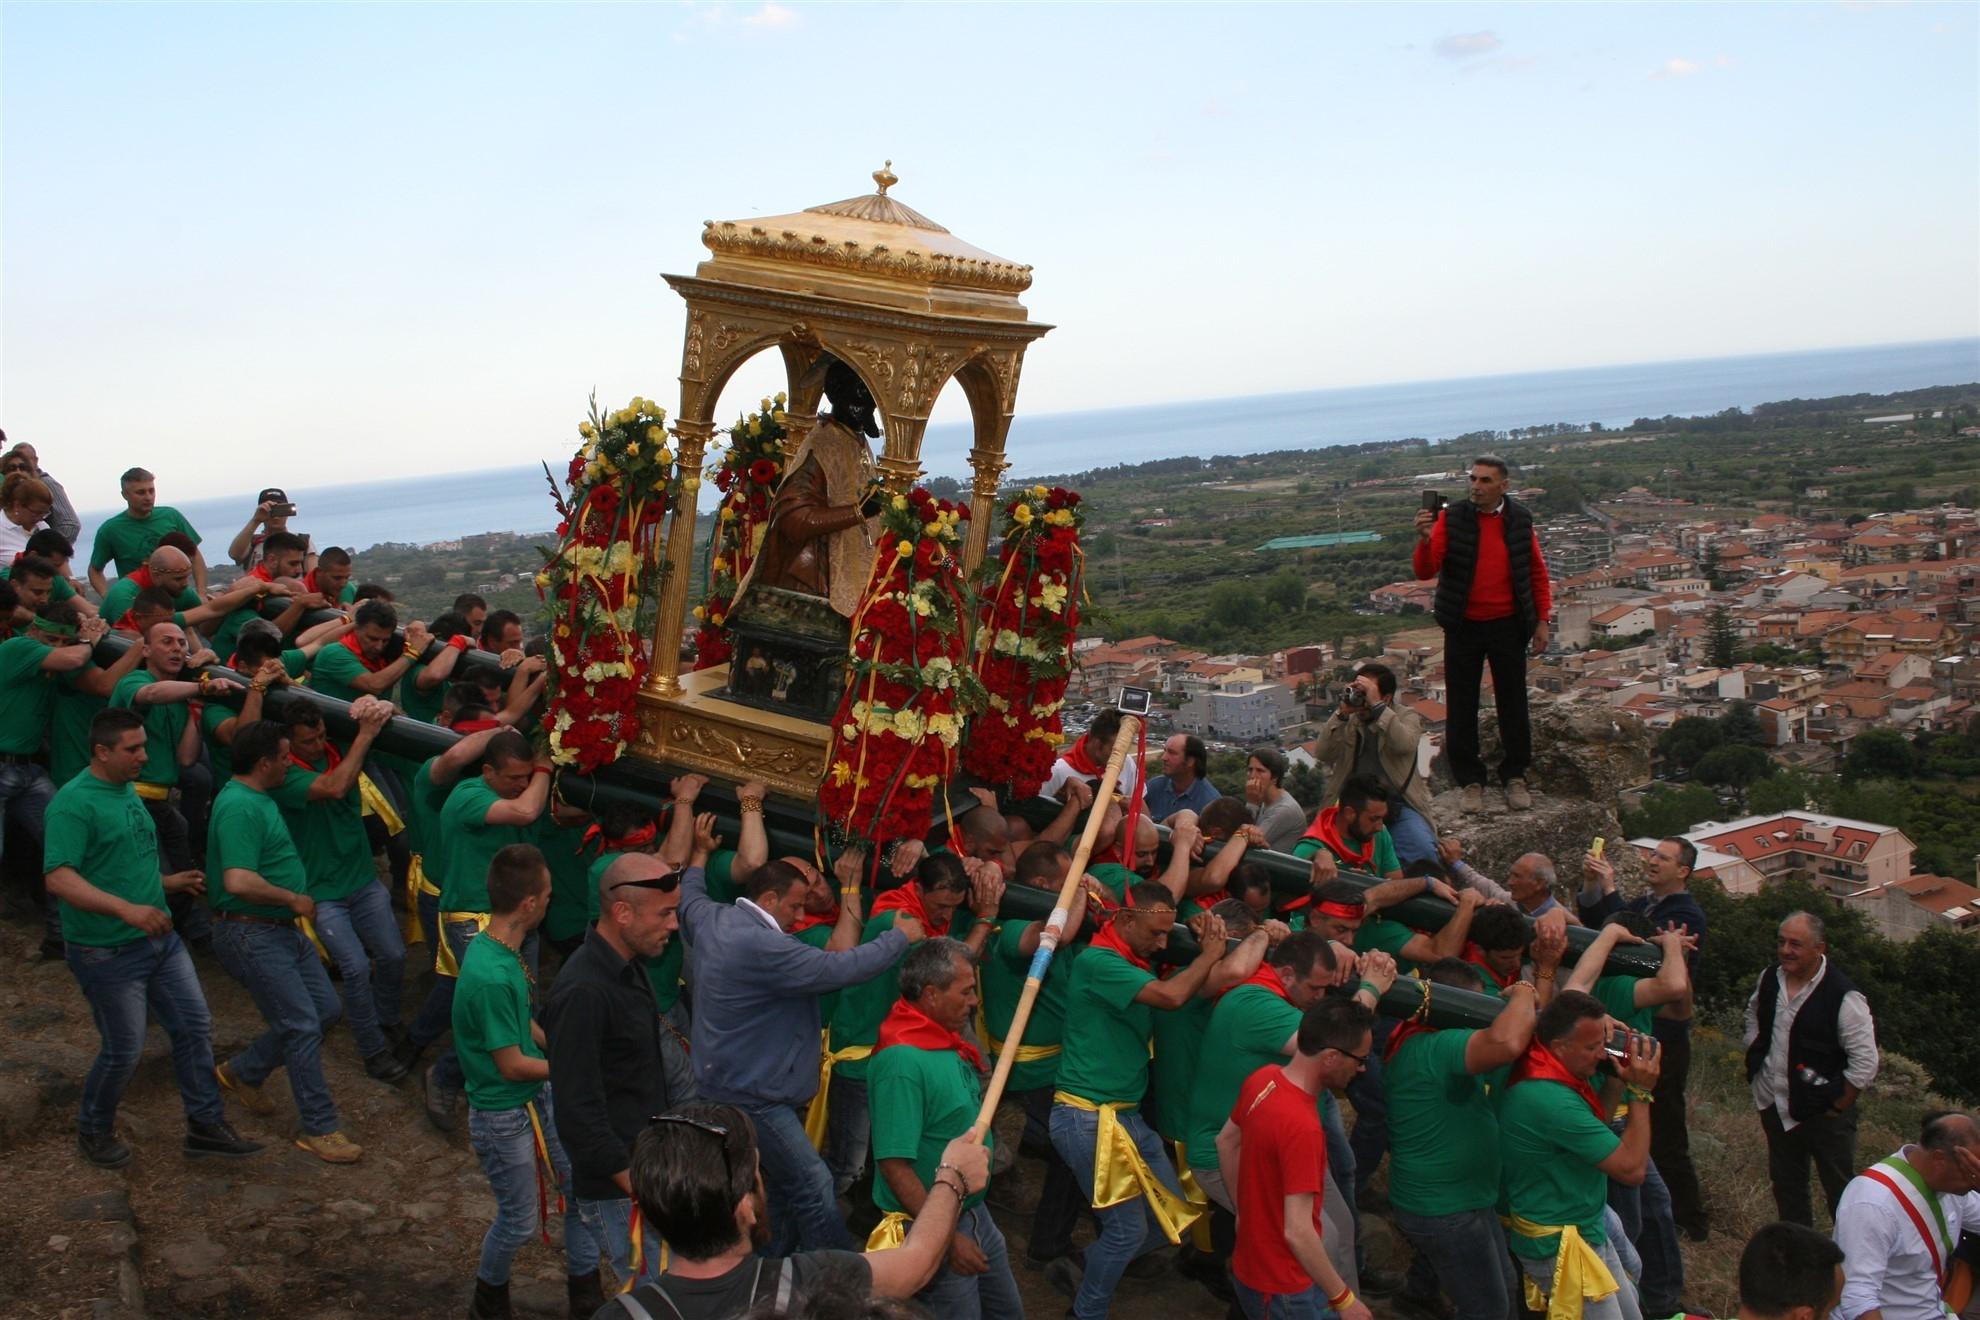 Un viaggio in occasione delle feste di San Filippo D'Agira a Limina, Agira e Calatabiano